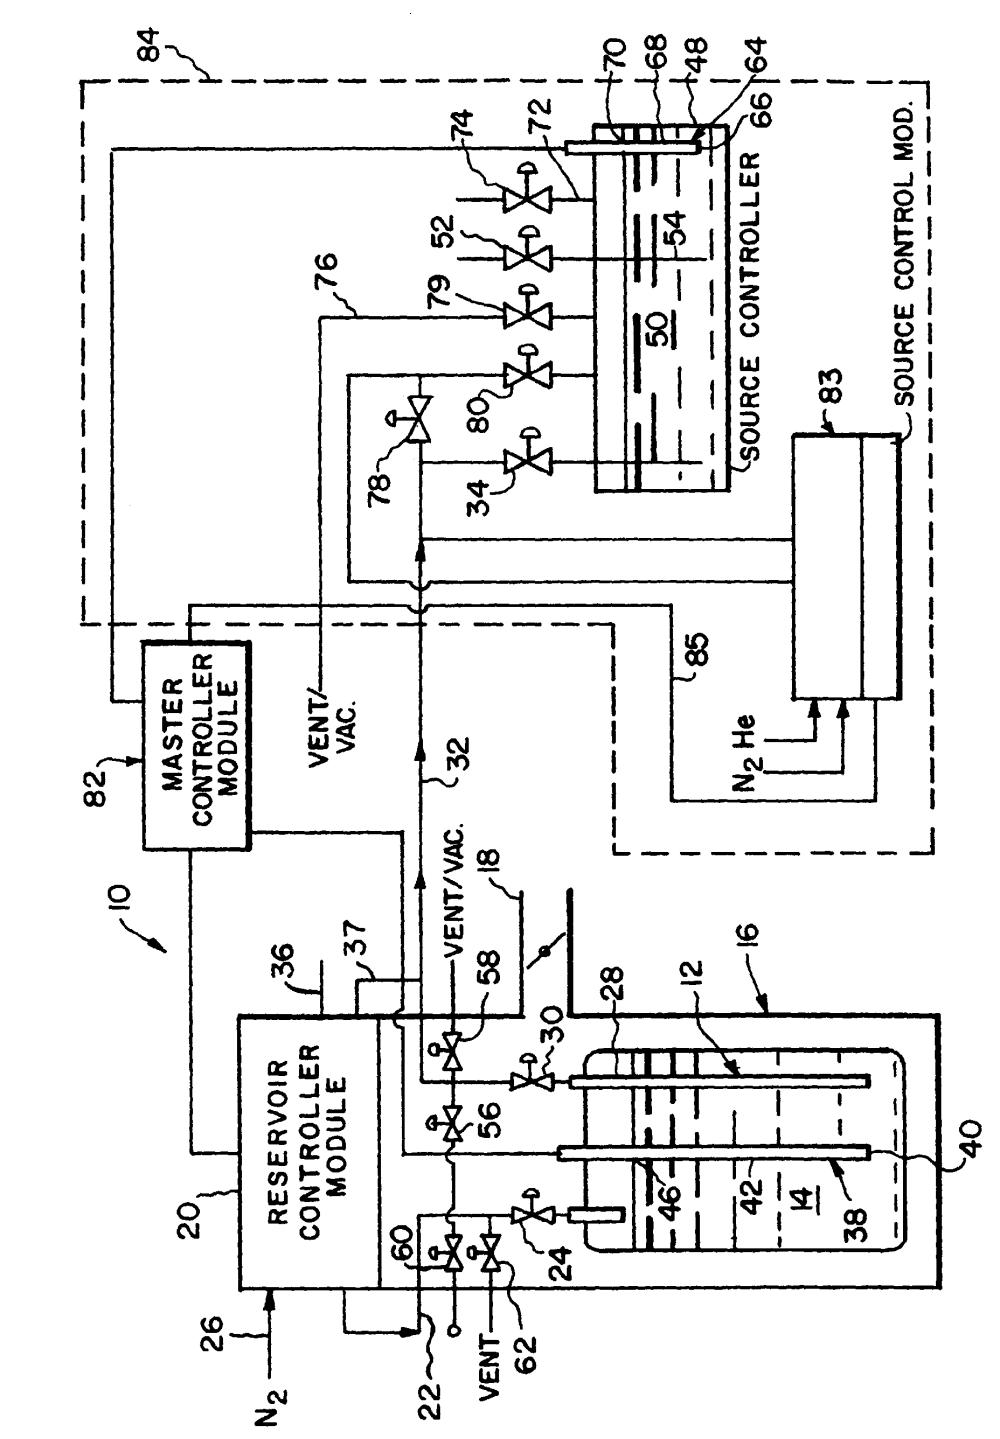 medium resolution of schumacher charger wiring diagram wiring source